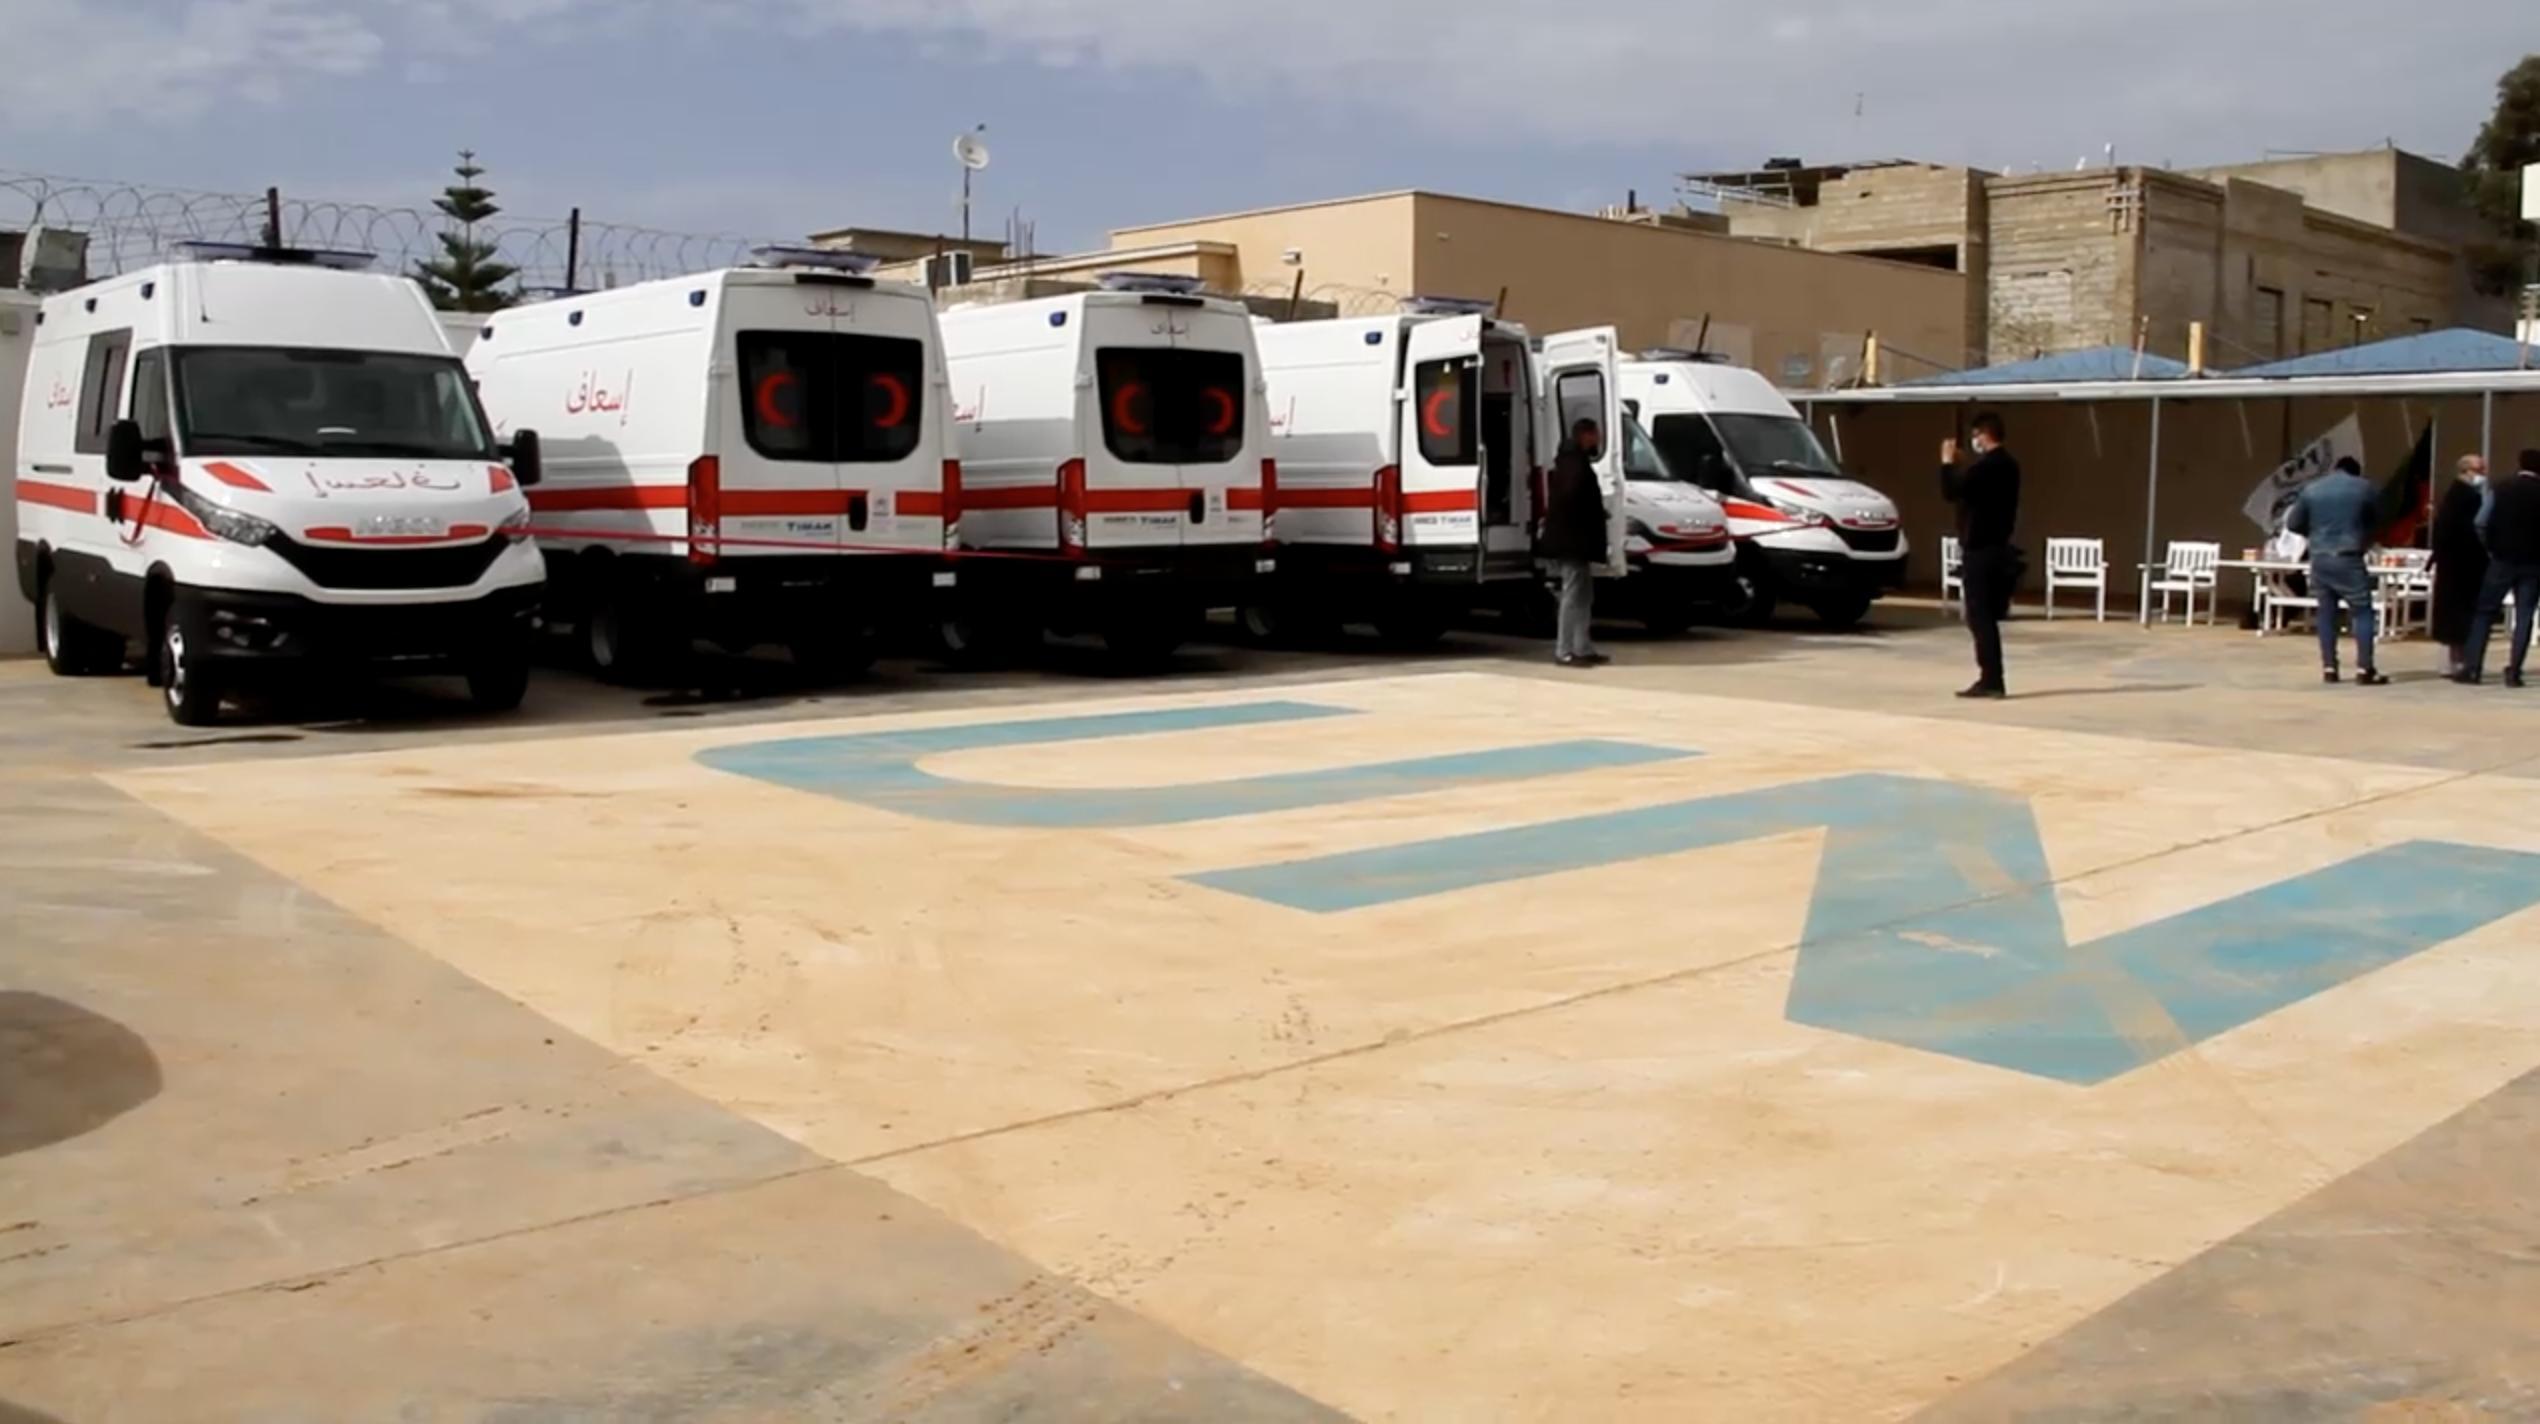 وزارة الصحة تُسلّم سيارات إسعاف للمرافق الطبية 4